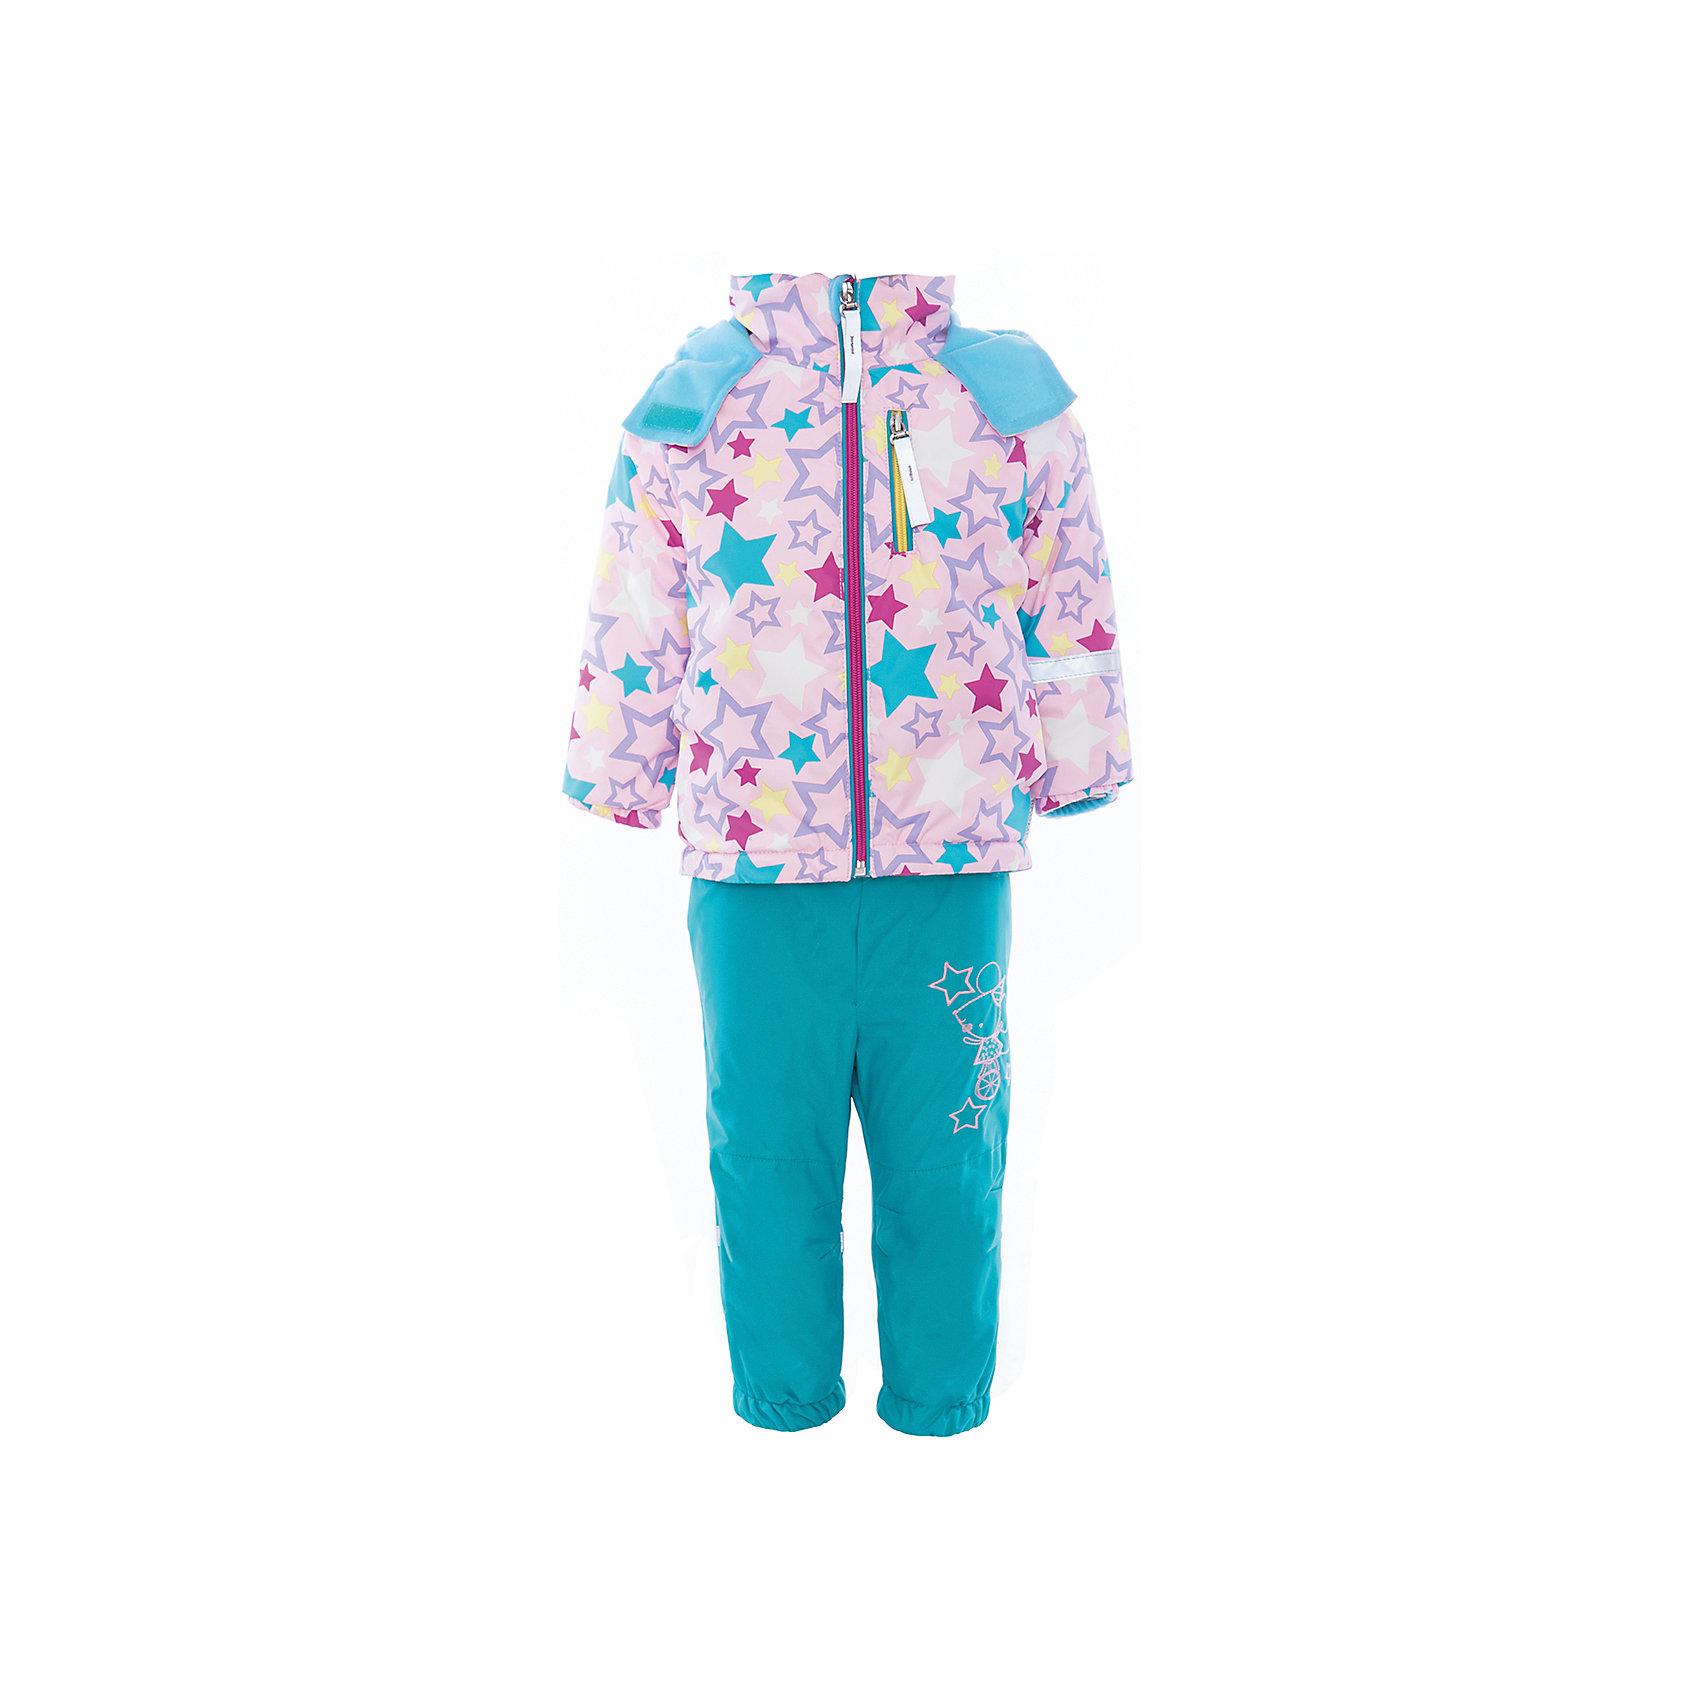 Комплект для девочки BOOM by OrbyВерхняя одежда<br>Характеристики товара:<br><br>• цвет: розовый/бирюзовый<br>• состав: <br>курточка: верх - нейлон с мембранным покрытием 3000*3000, подкладка - поларфлис, полиэстер, утеплитель: FiberSoft 100 г/м2<br>брюки: верх - нейлон с мембранным покрытием 3000*3000, подкладка - поларфлис<br>• комплектация: куртка, брюки<br>• температурный режим: от -5 С° до +10 С° <br>• эластичные регулируемые подтяжки<br>• застежка - молния<br>• куртка декорирована принтом<br>• капюшон<br>• силиконовые штрипки<br>• комфортная посадка<br>• страна производства: Российская Федерация<br>• страна бренда: Российская Федерация<br>• коллекция: весна-лето 2017<br><br>Такой комплект - универсальный вариант для межсезонья с постоянно меняющейся погодой. Эта модель - модная и удобная одновременно! Изделие отличается стильным ярким дизайном. Куртка и брюки хорошо сидят по фигуре, отлично сочетается с различной обувью. Модель была разработана специально для детей.<br><br>Одежда от российского бренда BOOM by Orby уже завоевала популярностью у многих детей и их родителей. Вещи, выпускаемые компанией, качественные, продуманные и очень удобные. Для производства коллекций используются только безопасные для детей материалы. Спешите приобрести модели из новой коллекции Весна-лето 2017! <br><br>Комплект для девочки от бренда BOOM by Orby можно купить в нашем интернет-магазине.<br><br>Ширина мм: 356<br>Глубина мм: 10<br>Высота мм: 245<br>Вес г: 519<br>Цвет: голубой<br>Возраст от месяцев: 72<br>Возраст до месяцев: 84<br>Пол: Женский<br>Возраст: Детский<br>Размер: 122,80,86,104,92,98,110,116<br>SKU: 5342796